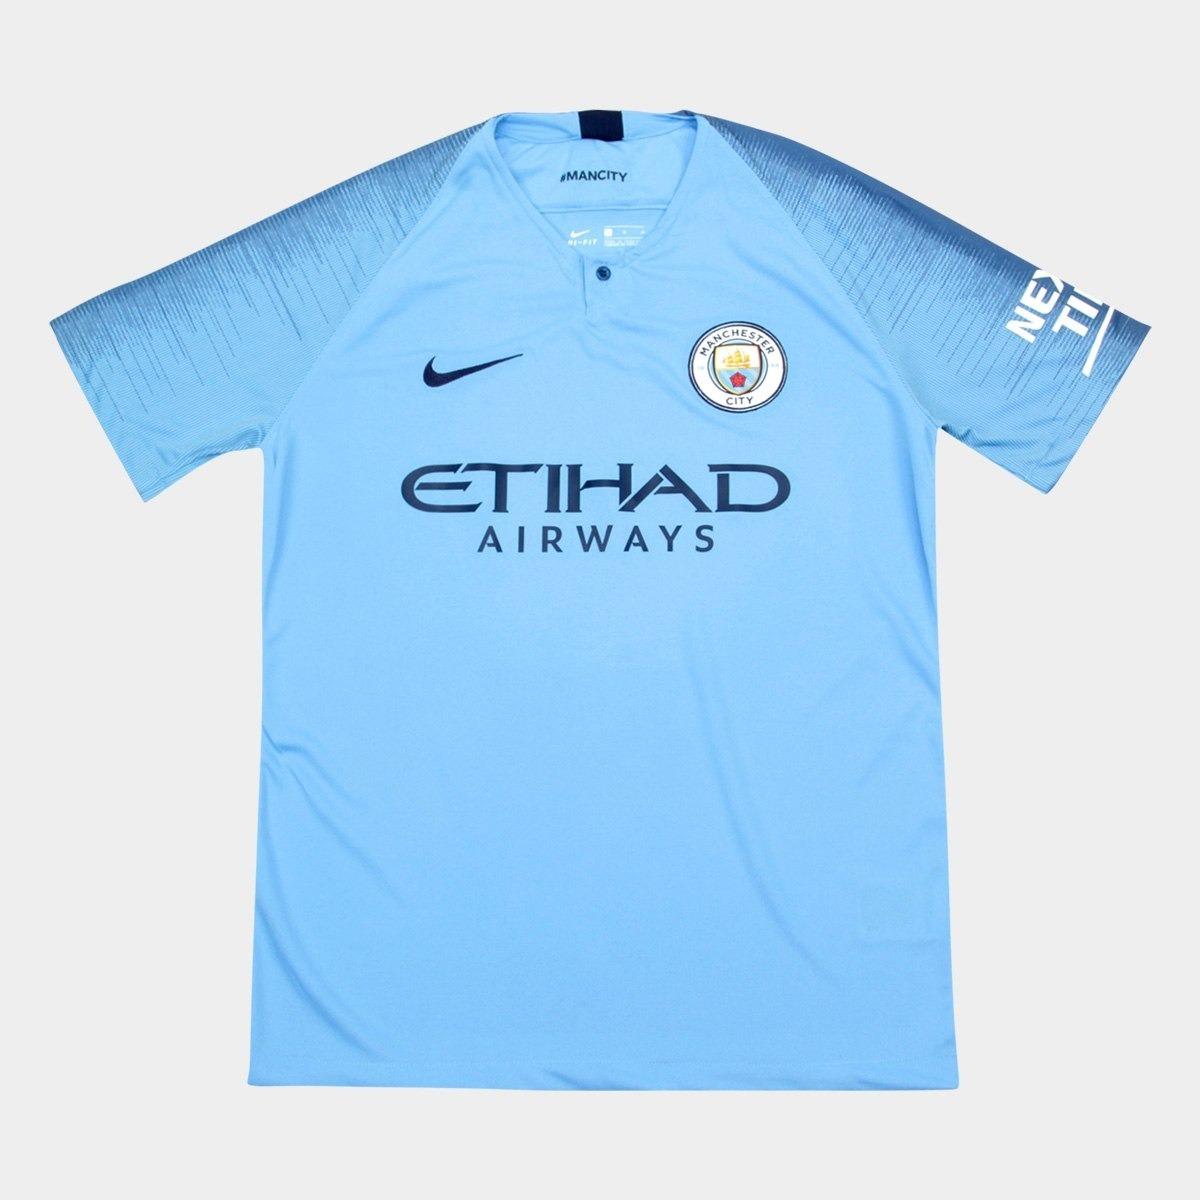 camisa 2018 19 nike manchester-city original frete grátis. Carregando zoom. 4a02d62d3040f